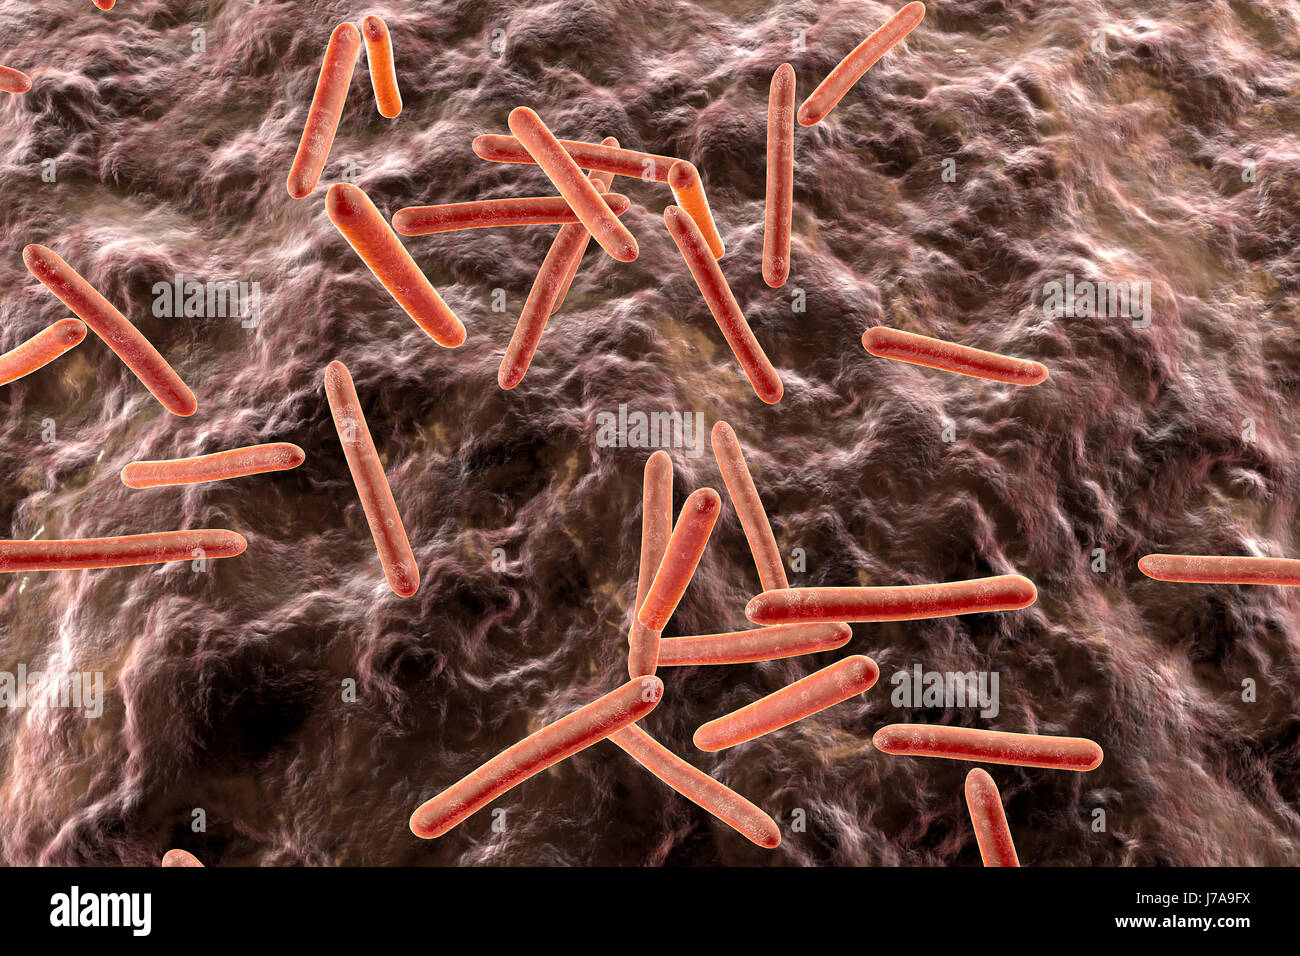 Tuberkulose-Bakterien im Organismus, 3D Rendering Stockbild